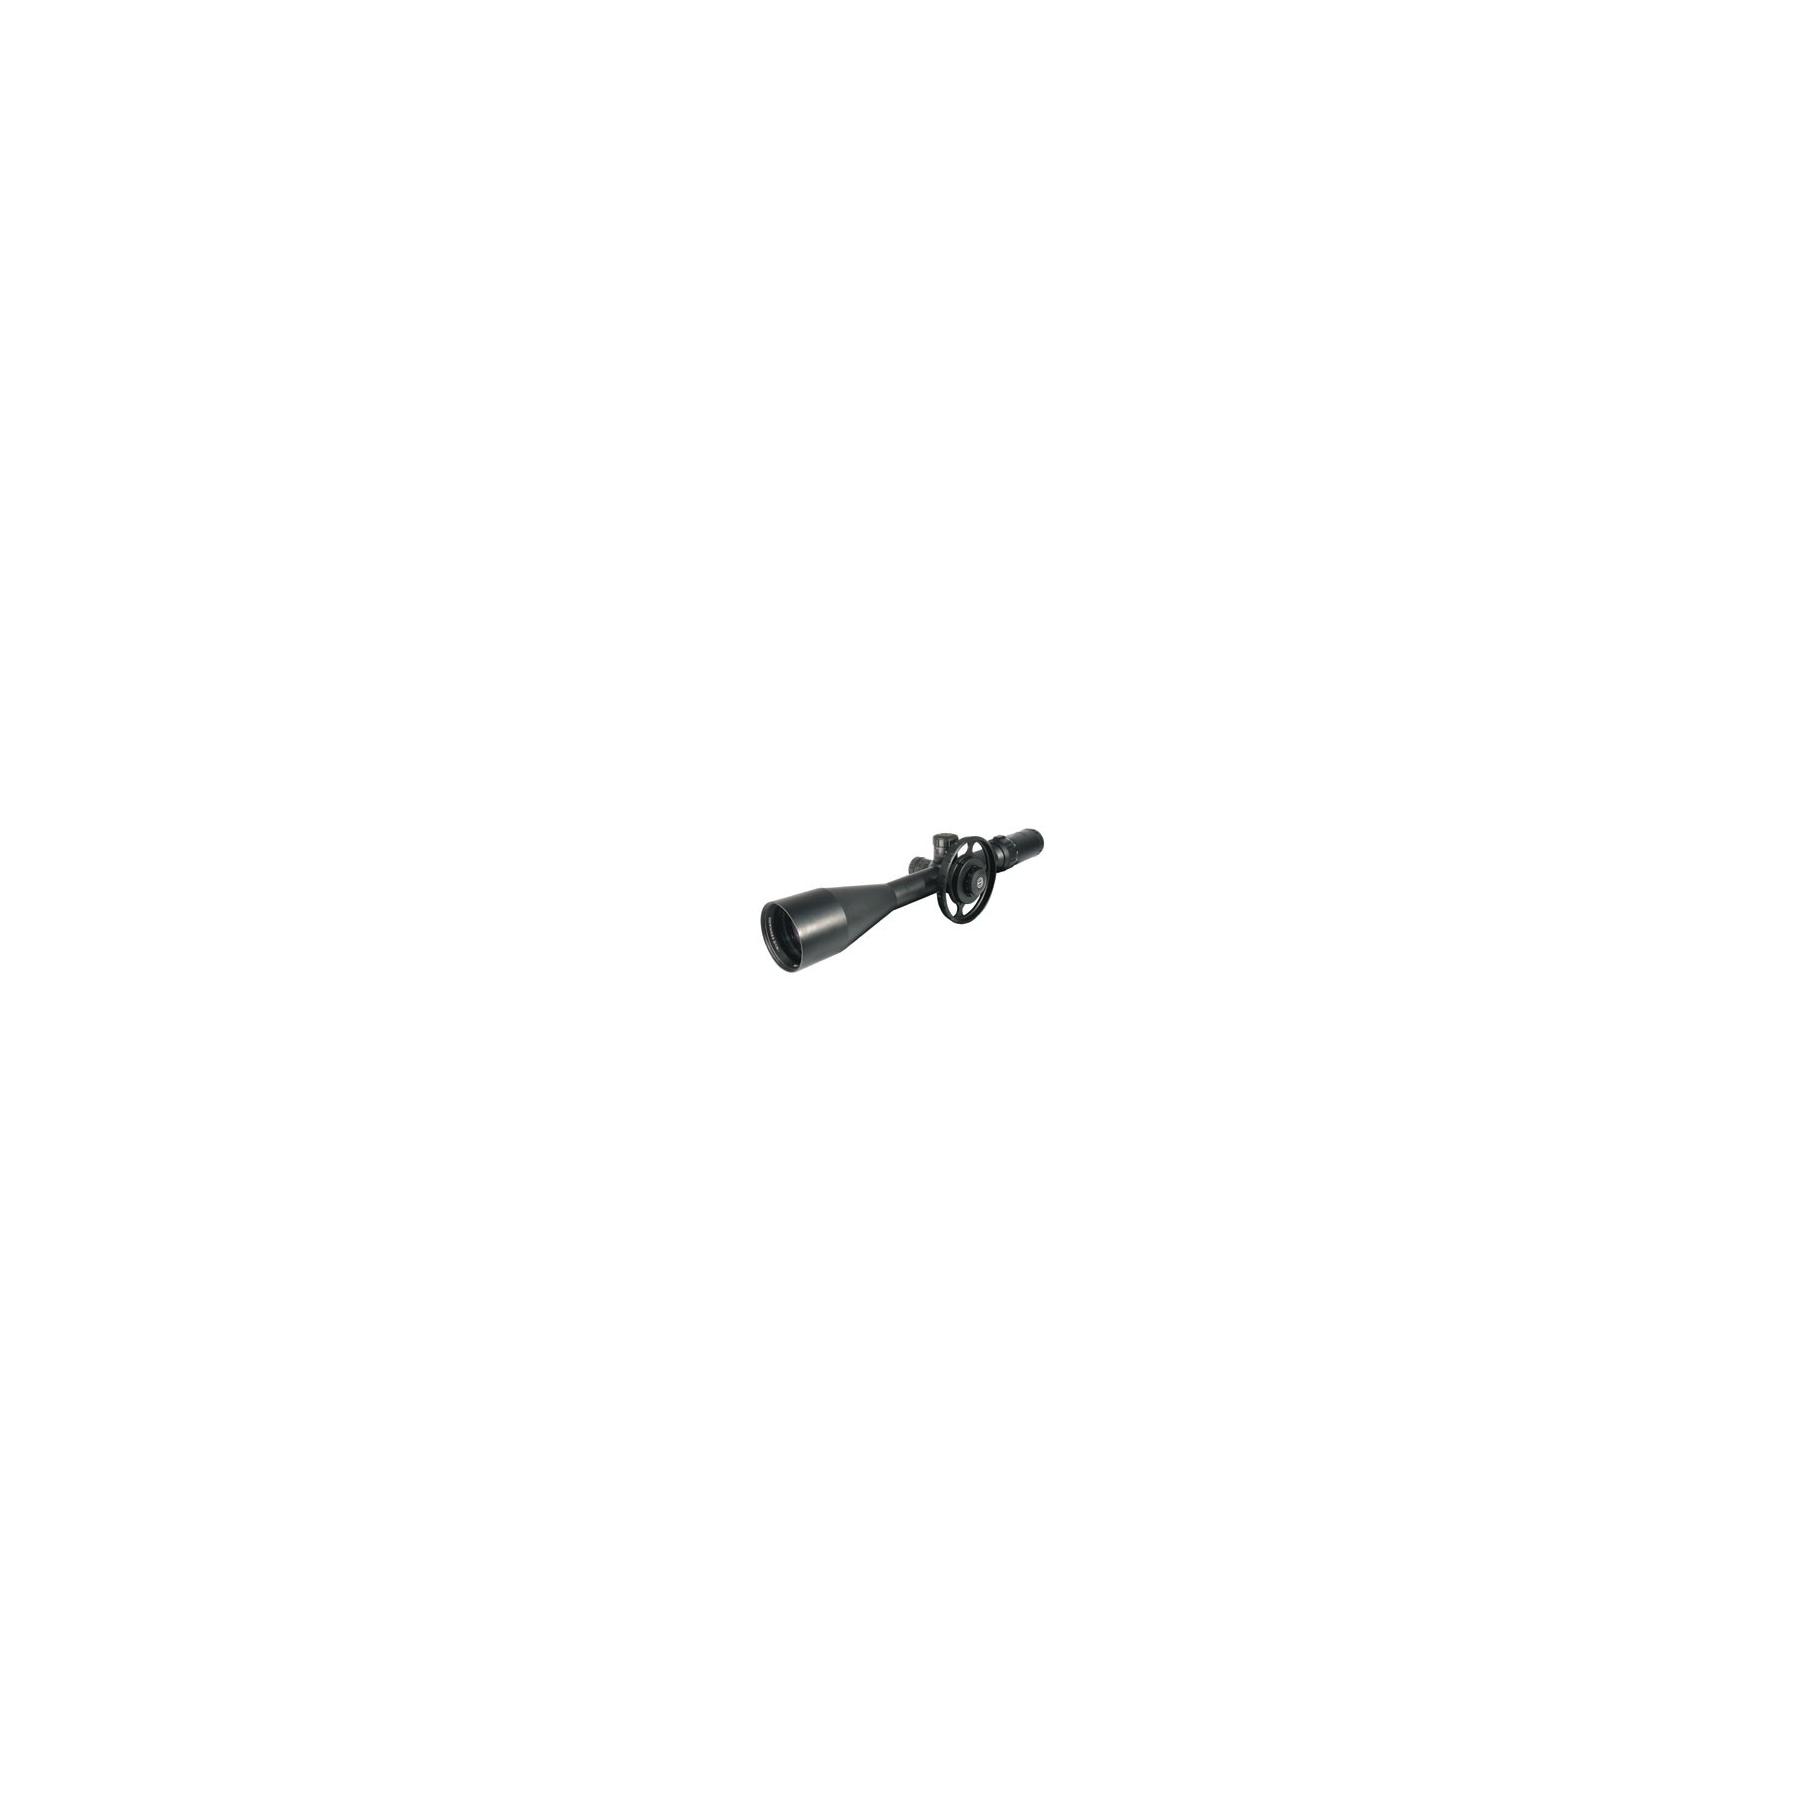 LUNETTE HAWKE SIDE WINDER 8-32X56 IR SR12